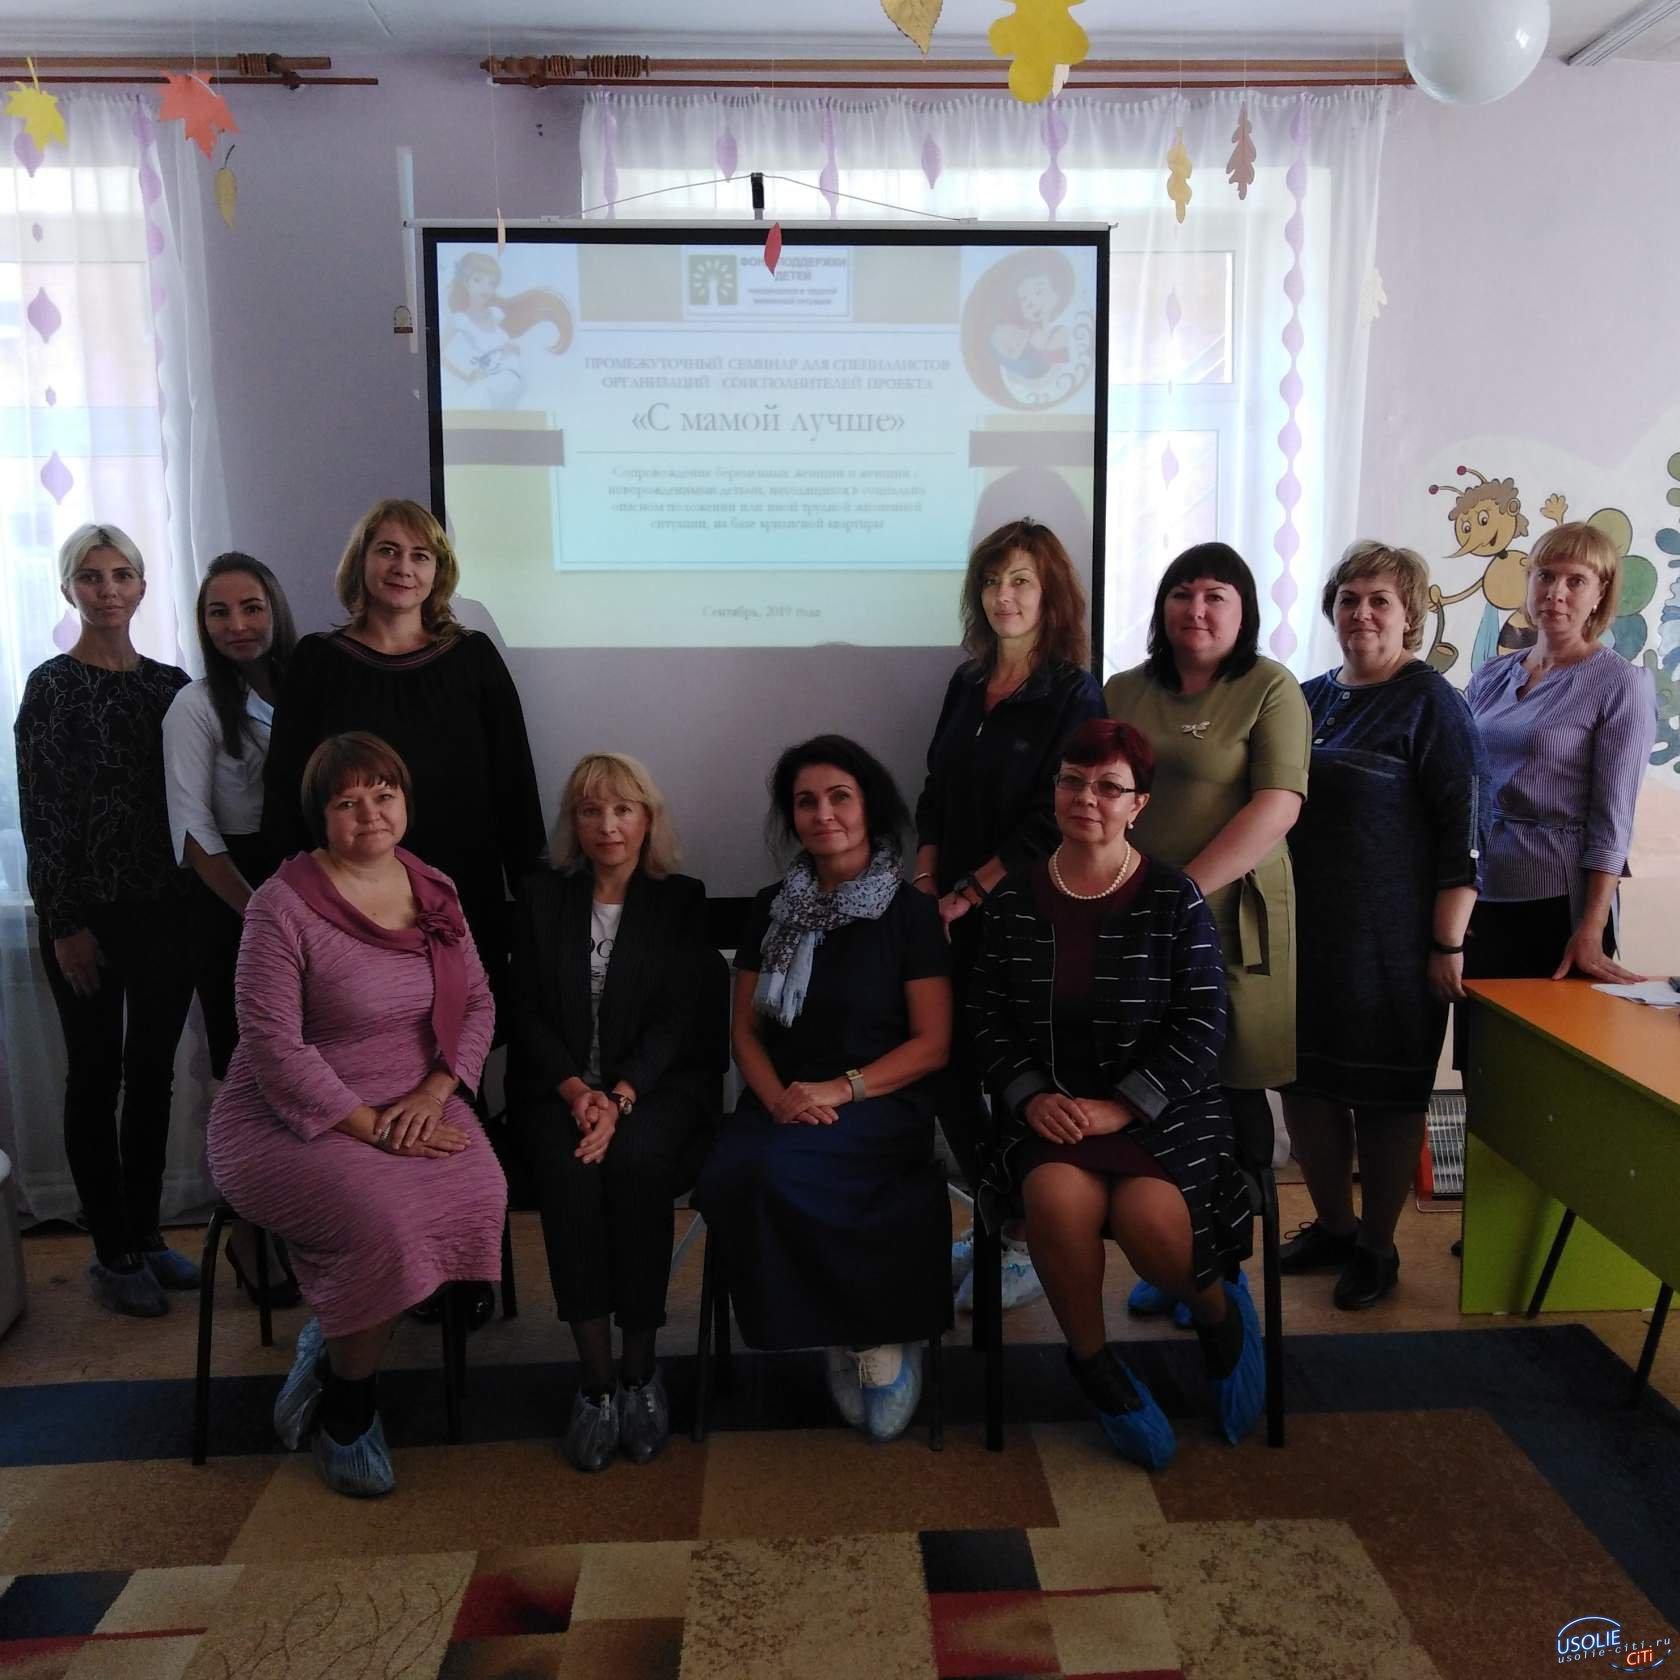 Проект усольского Центра помощи детям признан лучшим в России